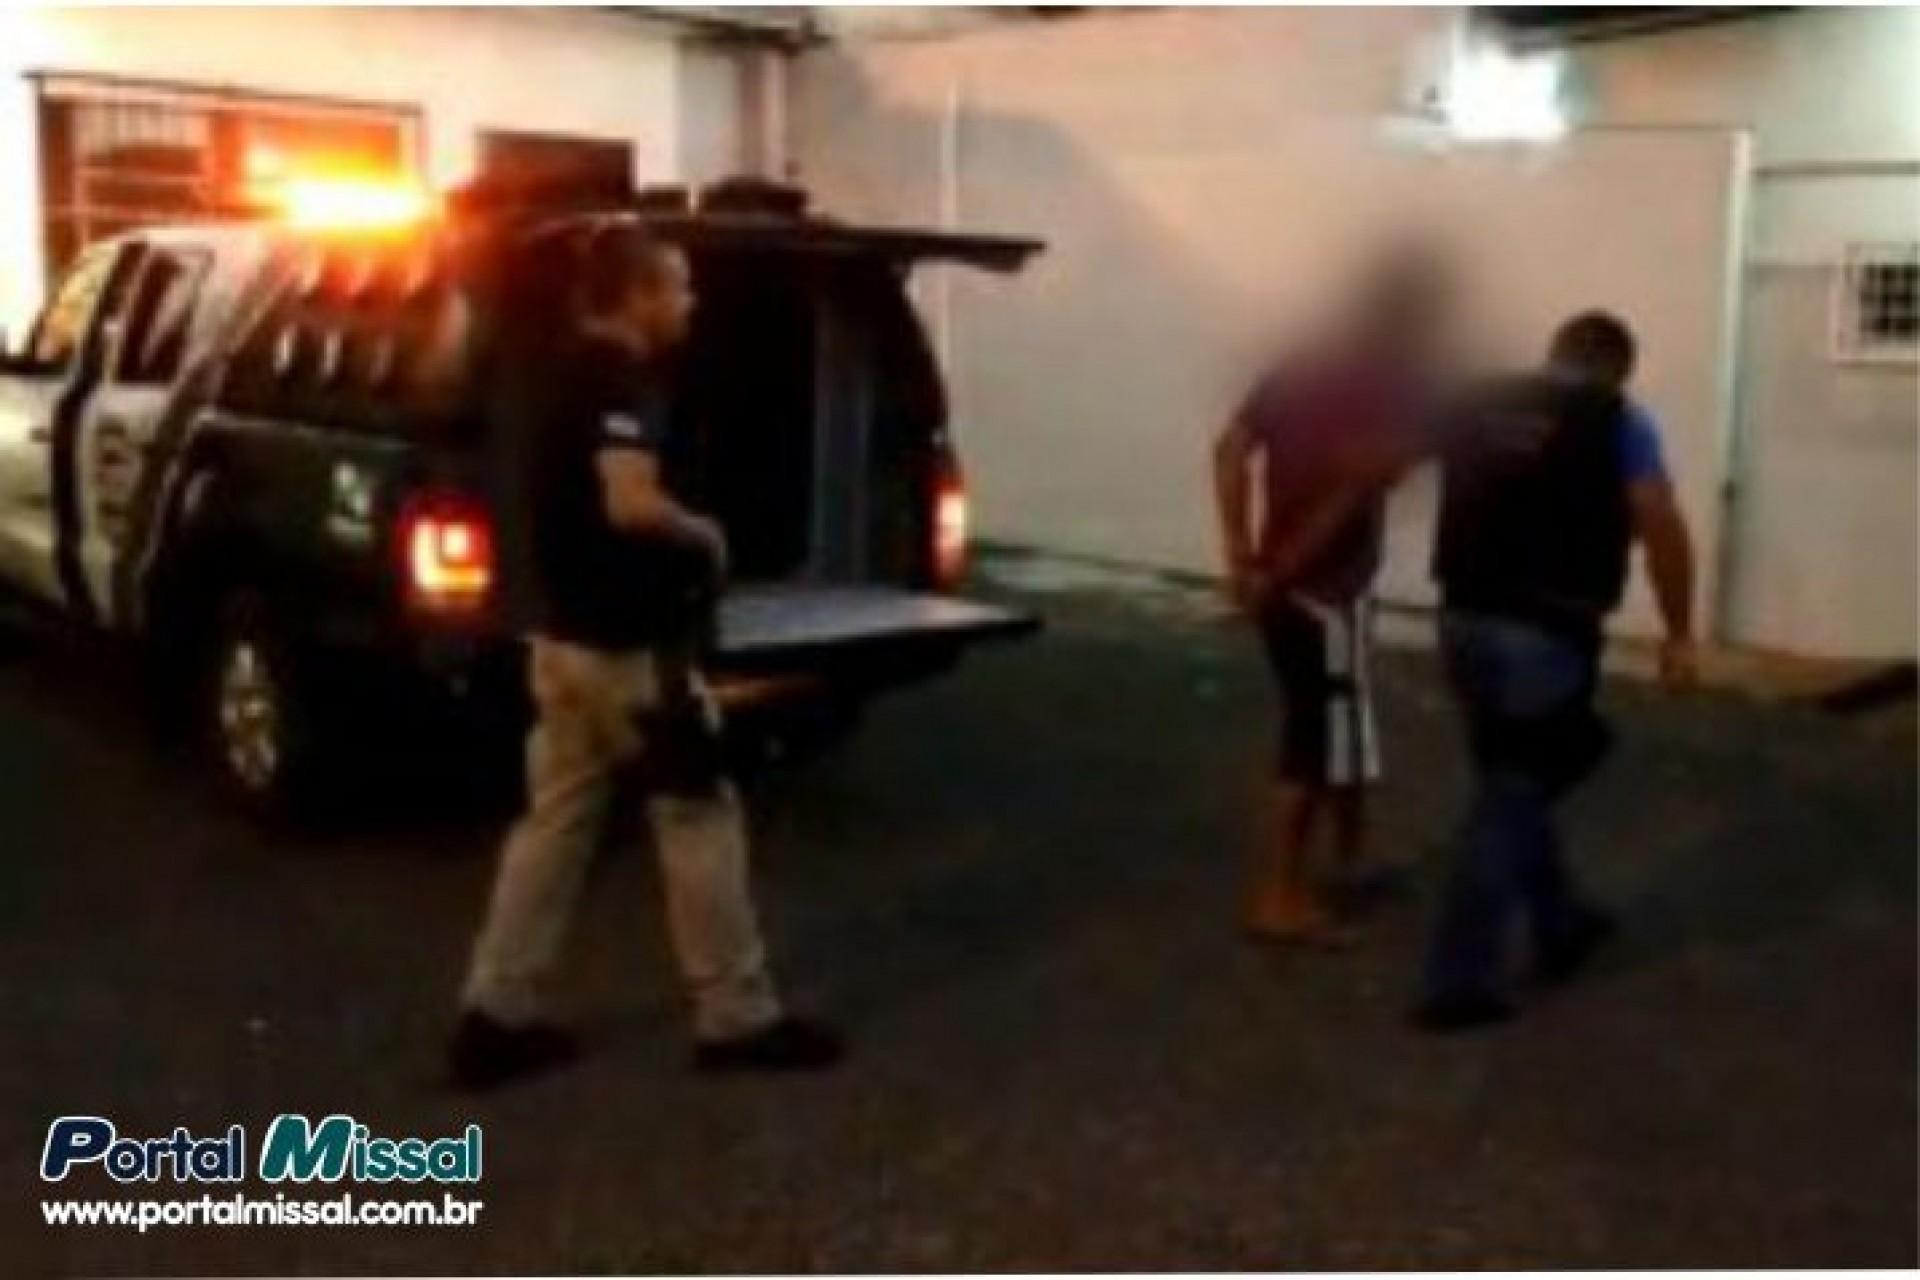 Polícia Civil cumpre mandado de prisão de tio acusado de abusar de sobrinhas de seis e sete anos